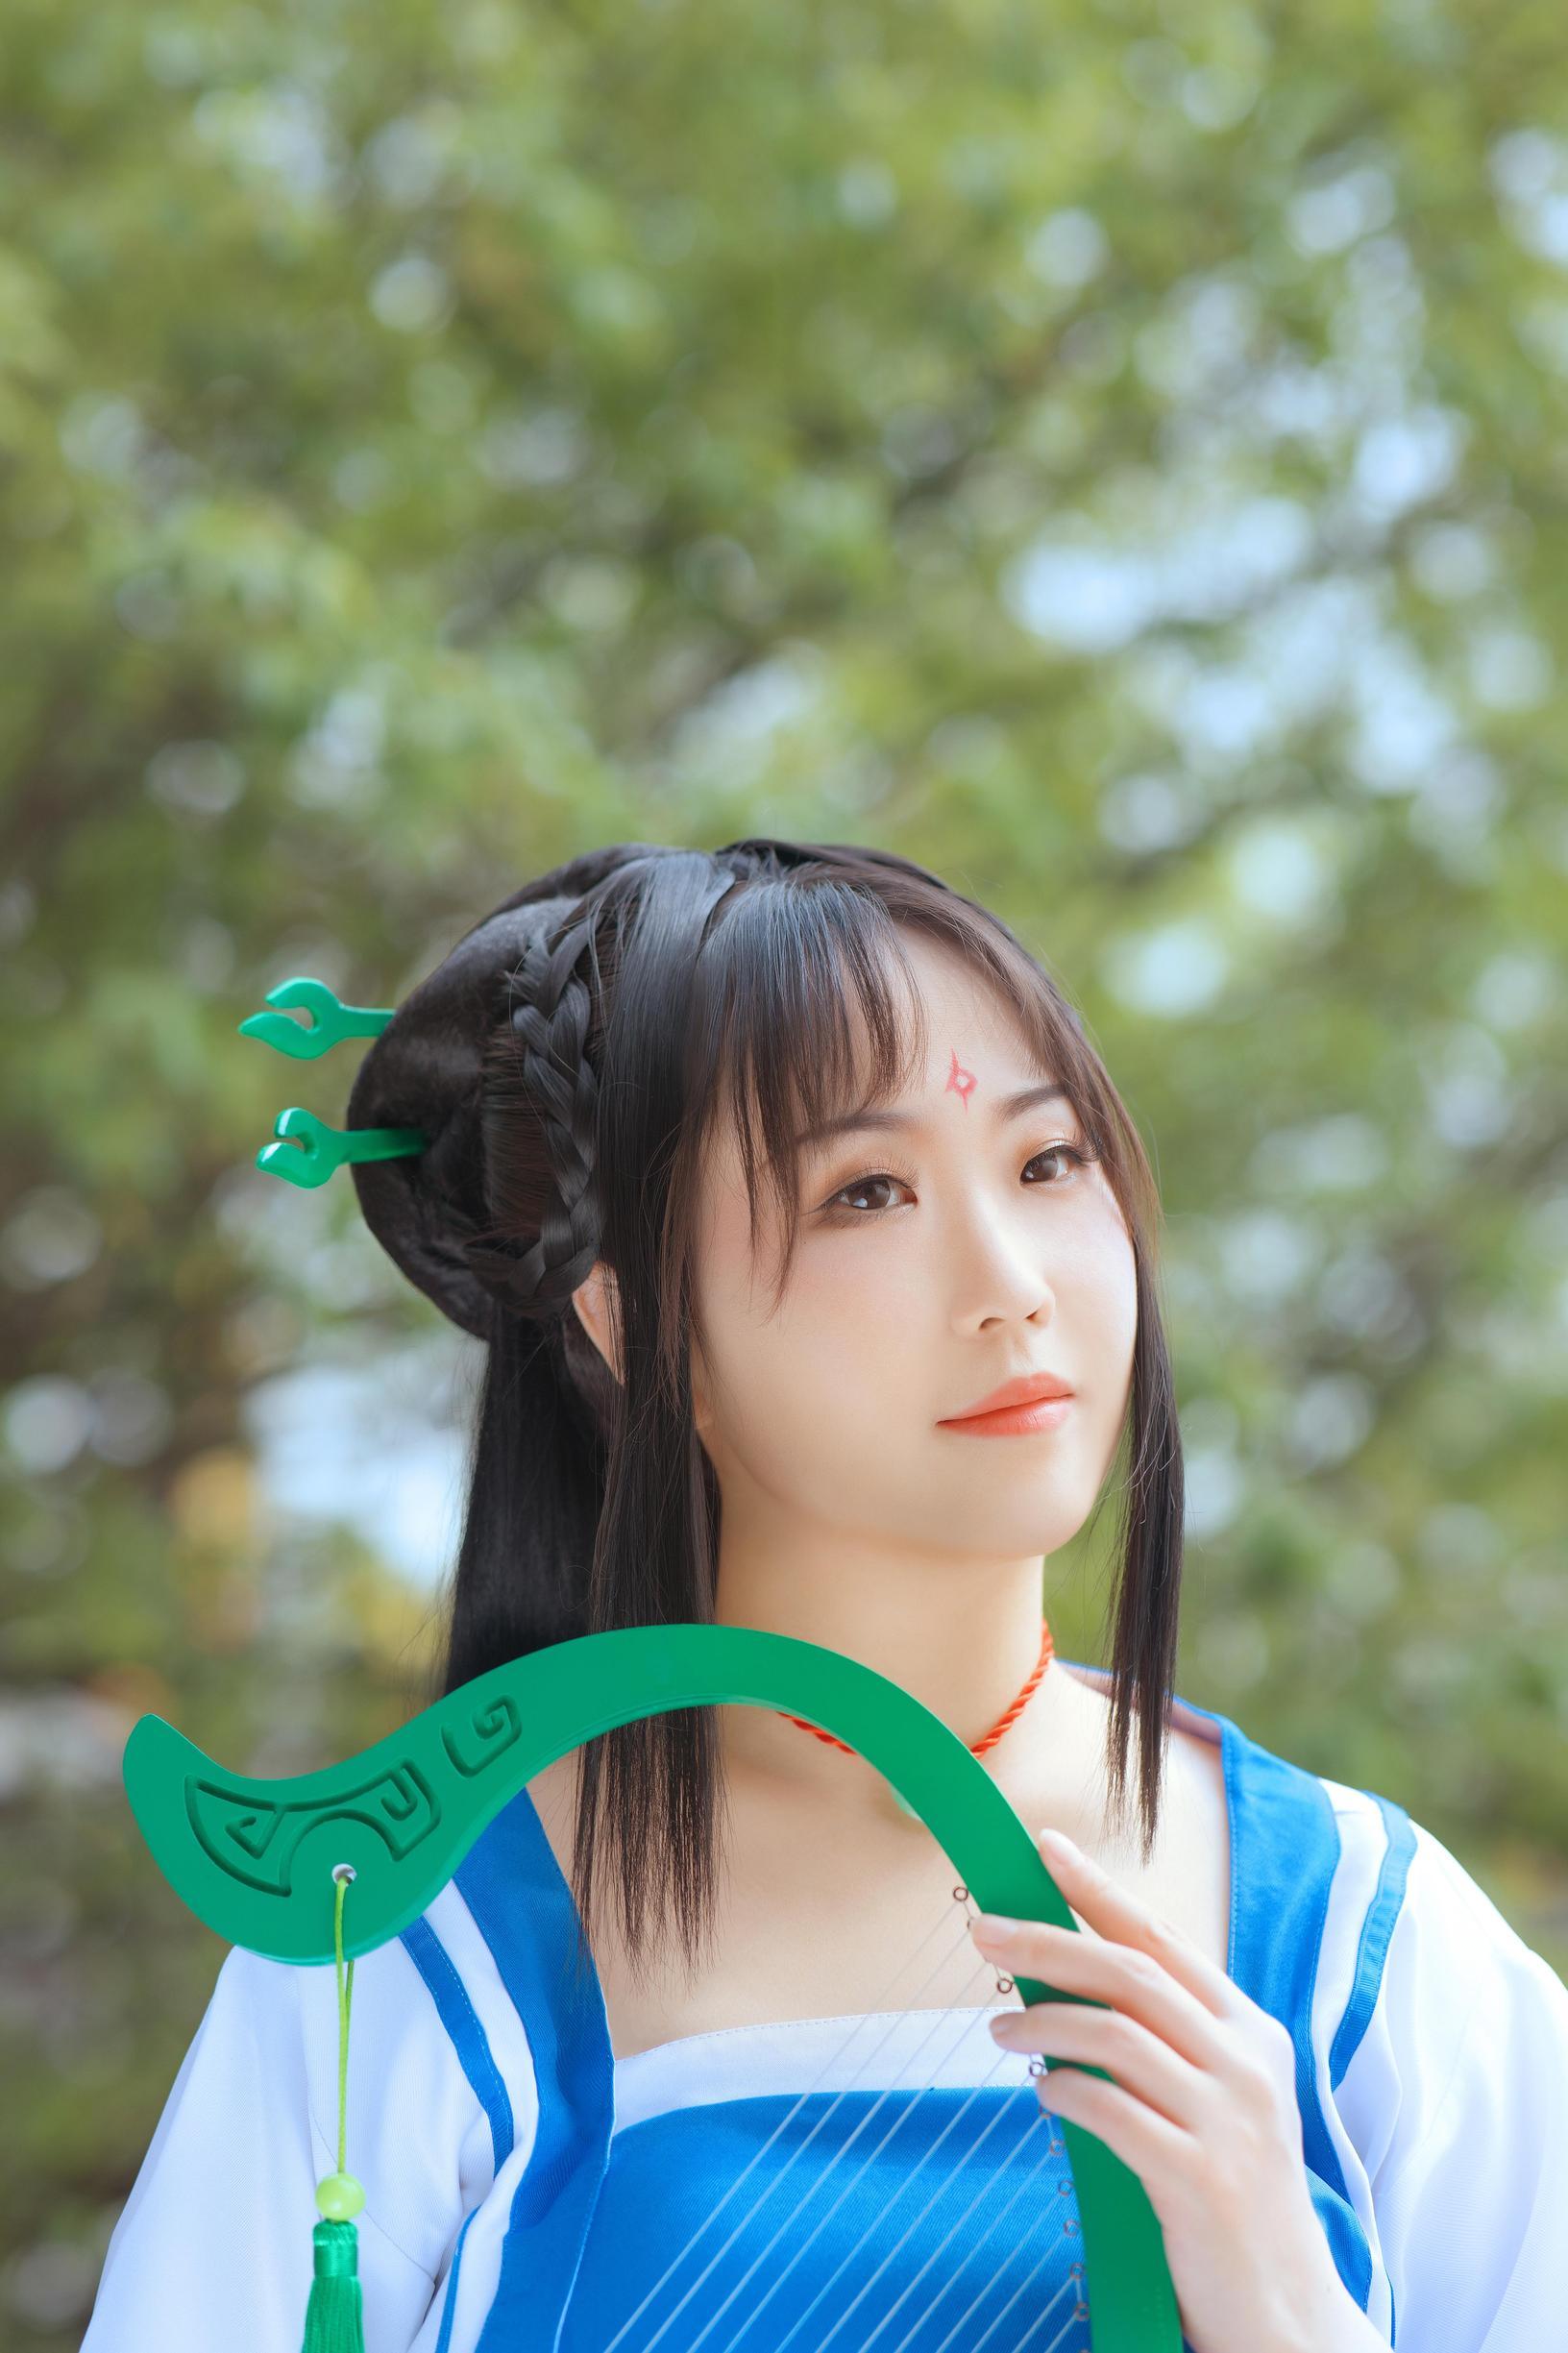 柳梦璃cosplay【CN:晗雅】-第7张